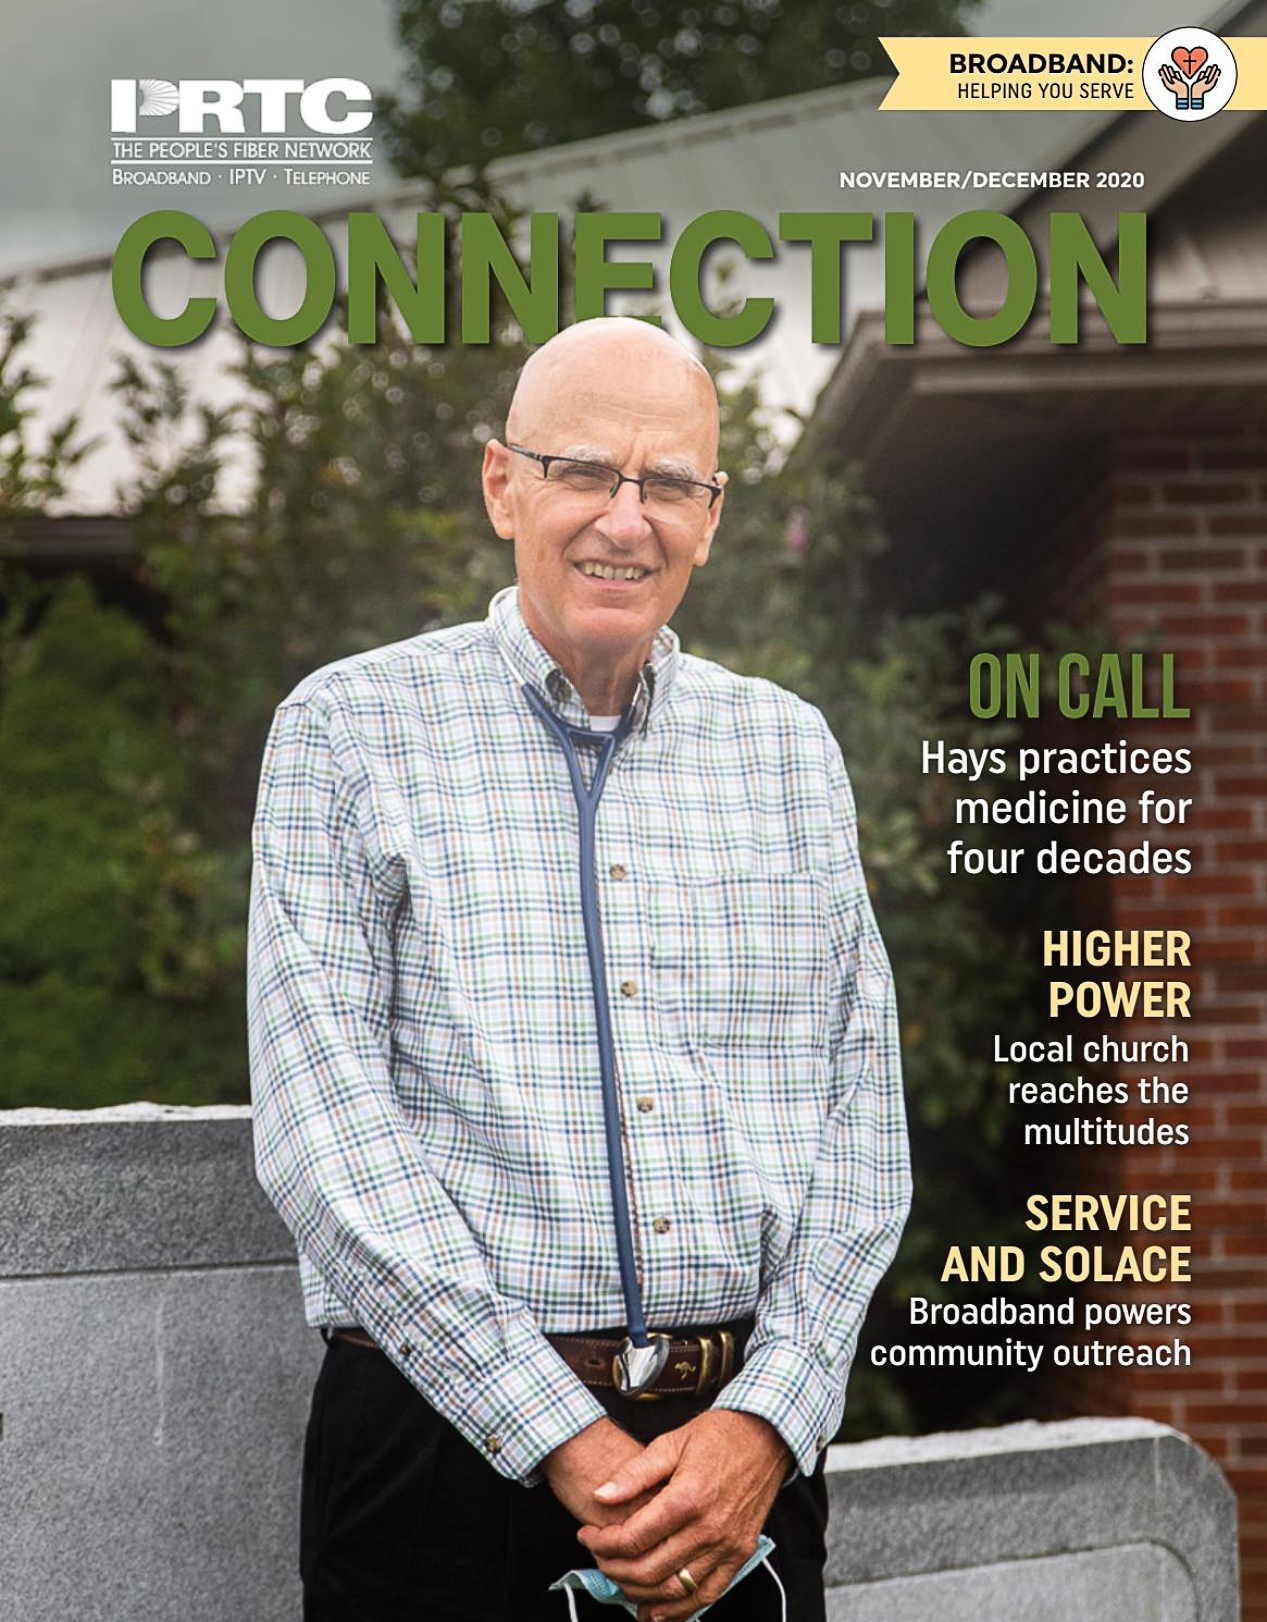 PRTC nov/dec 2020 magazine